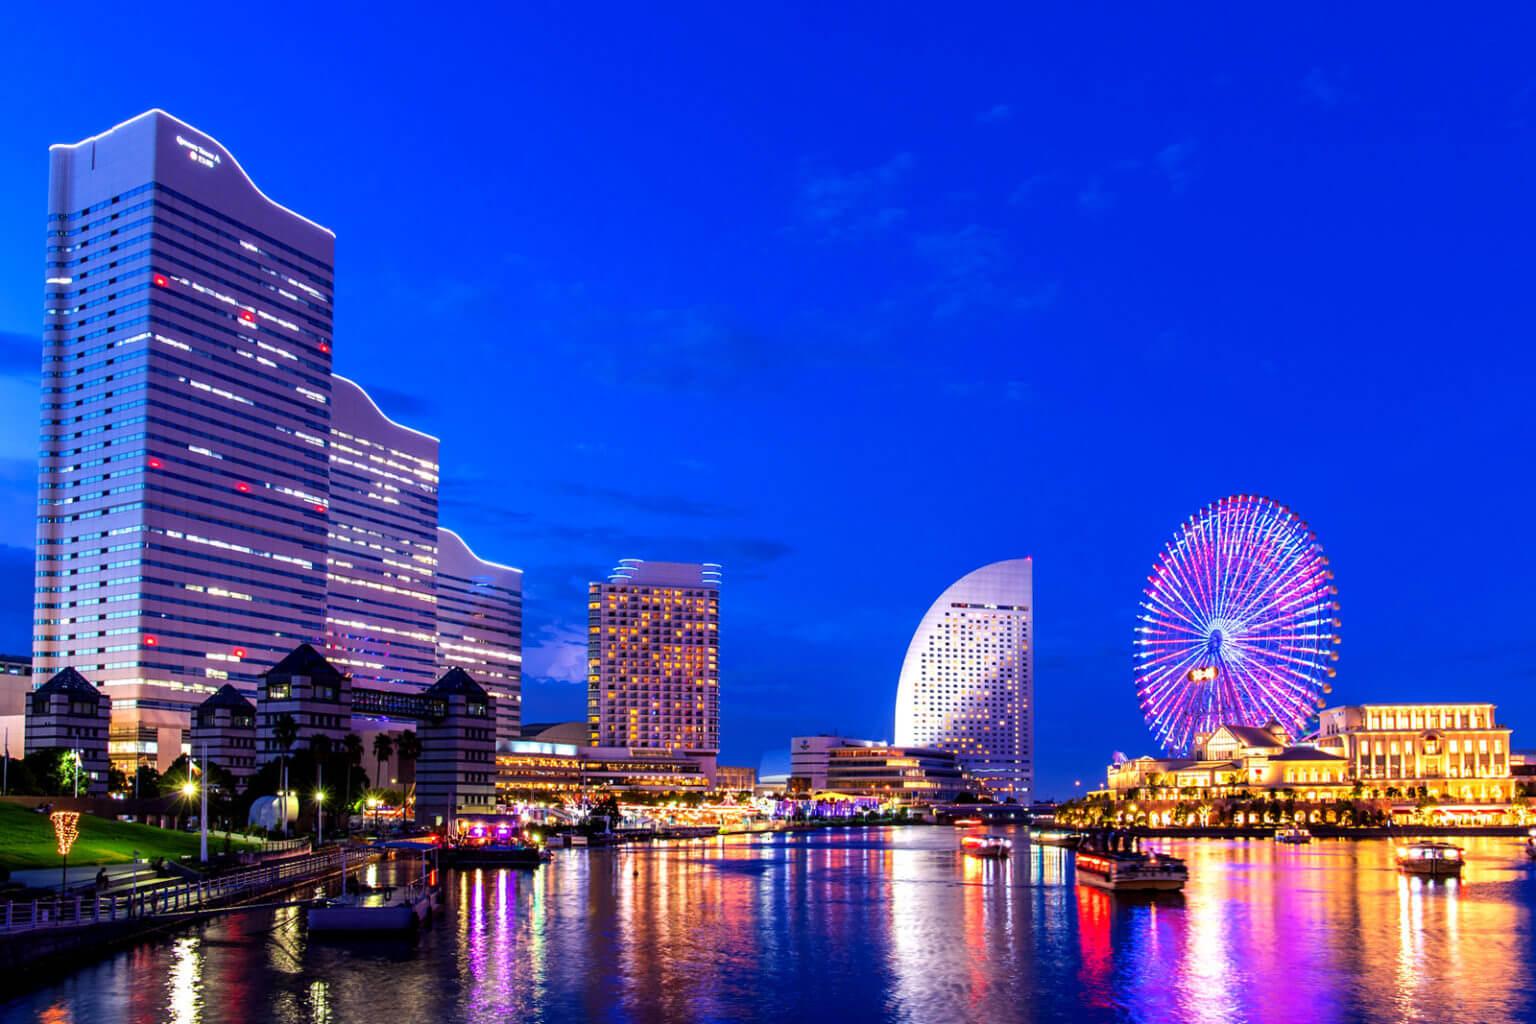 横浜で稼げるチャットレディ事務所はここ!人気おすすめランキングBEST5!